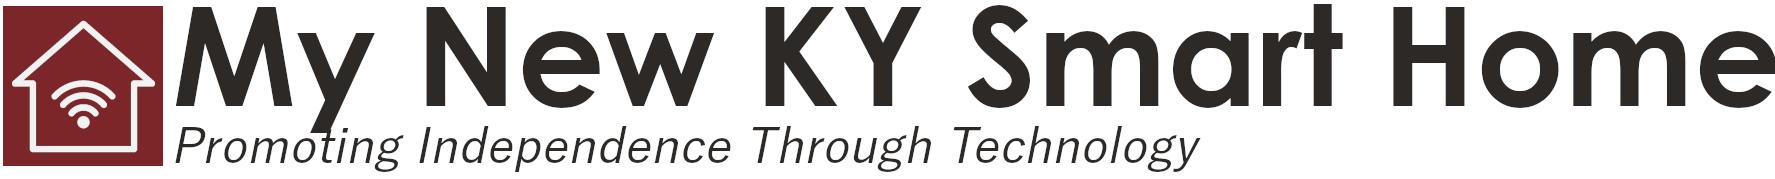 My New Kentucky Smart Home Logo